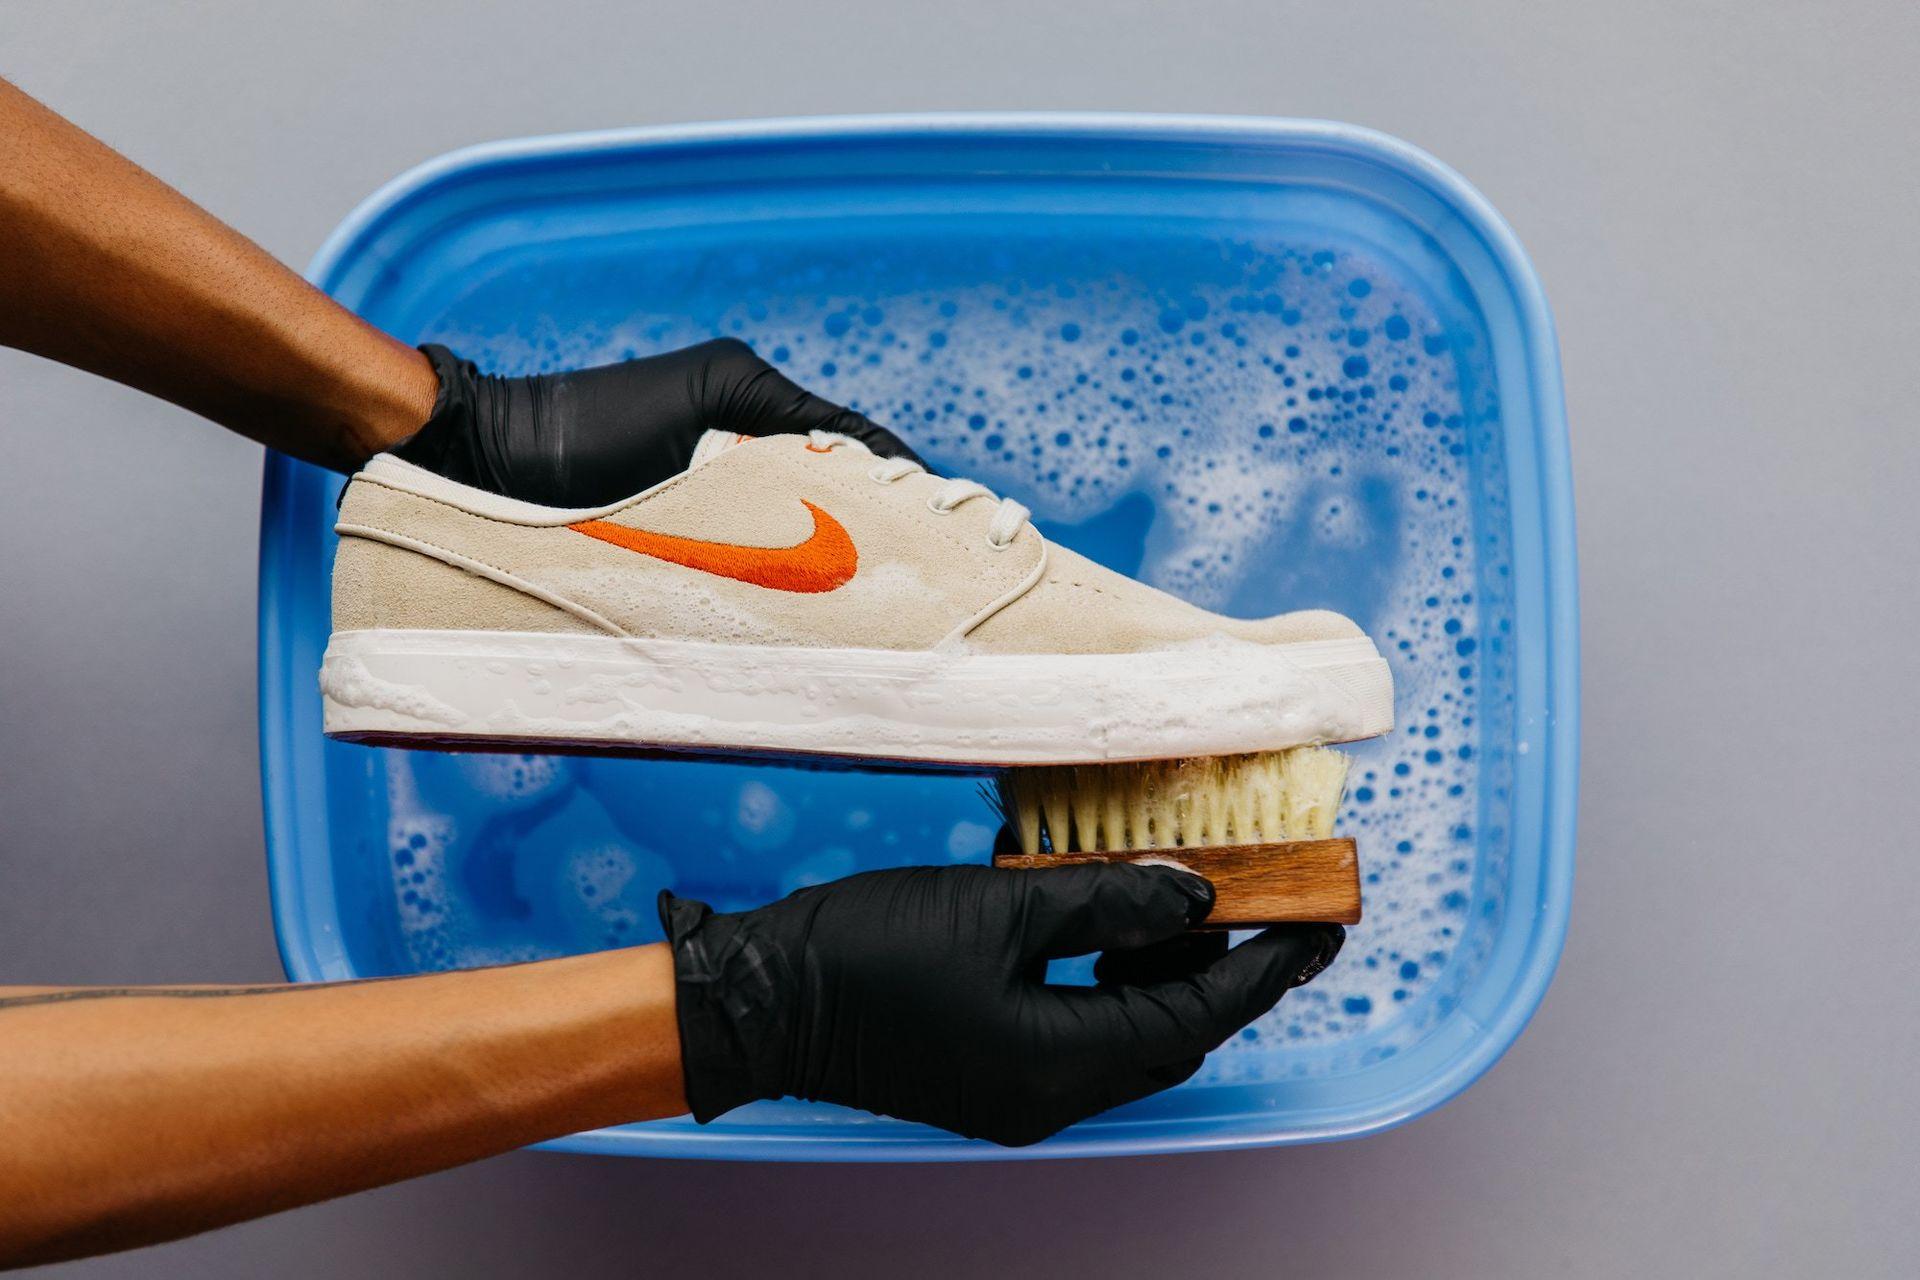 lavar zapatillas de deporte consejos